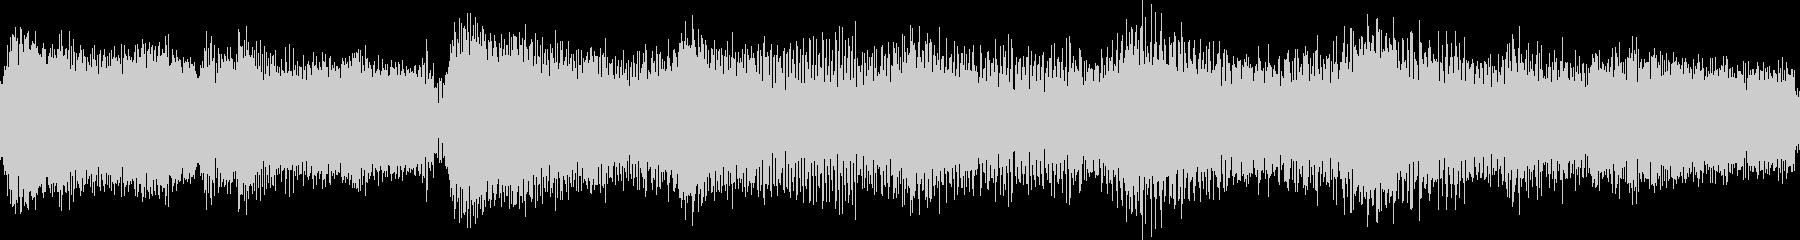 ゆったりとしたジャジーなジングル_ループの未再生の波形